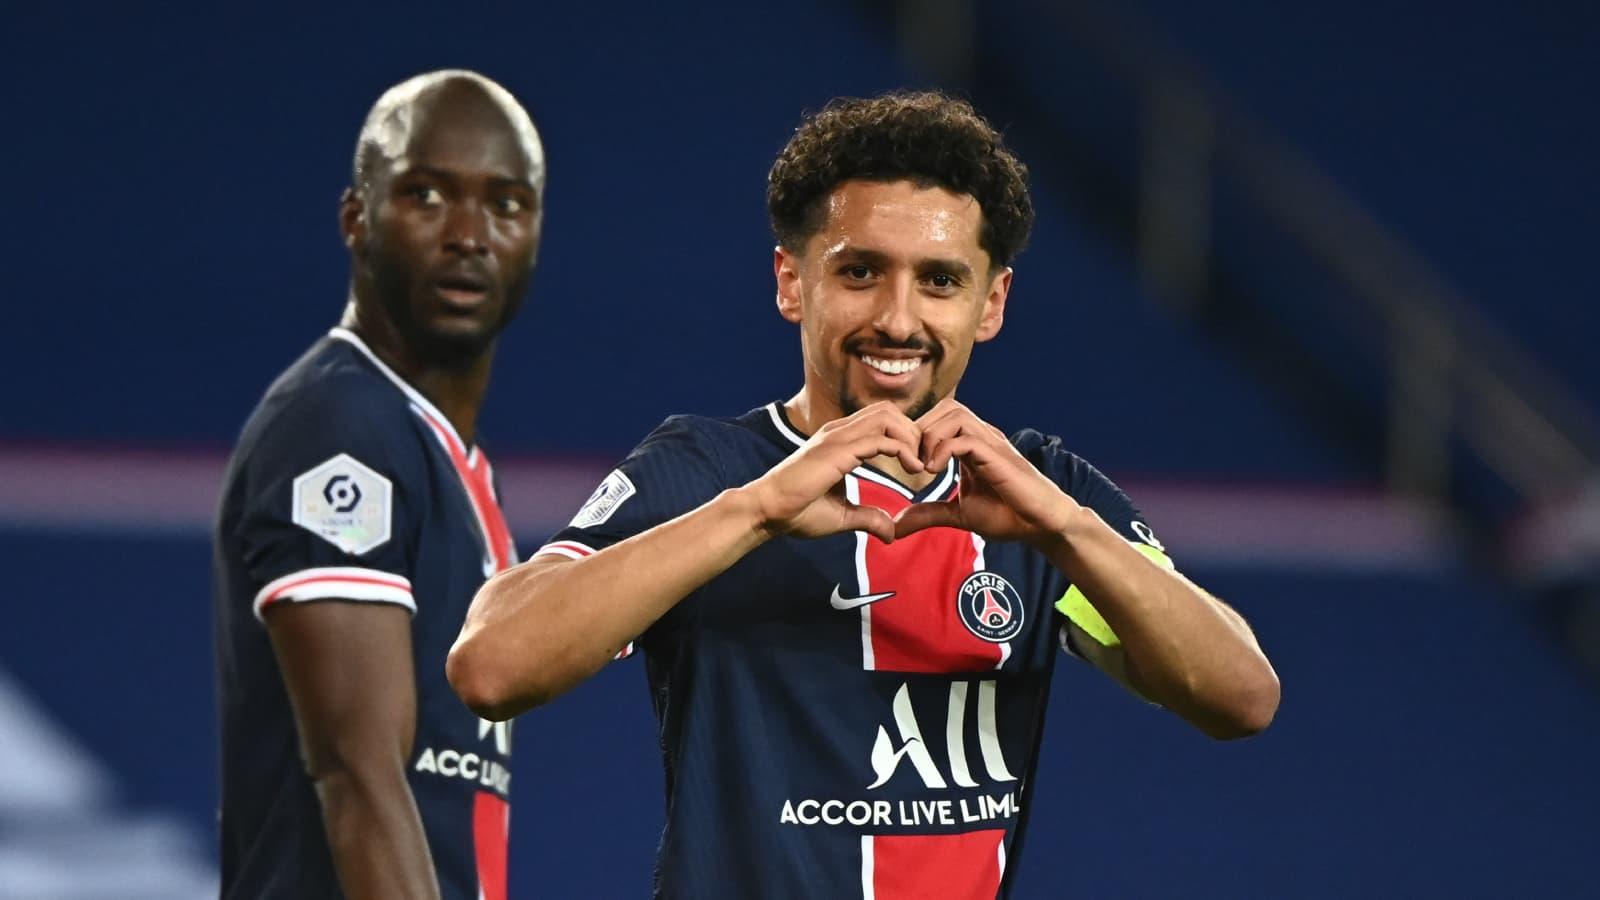 Suivez la Ligue 1 sur Amazon Prime Video